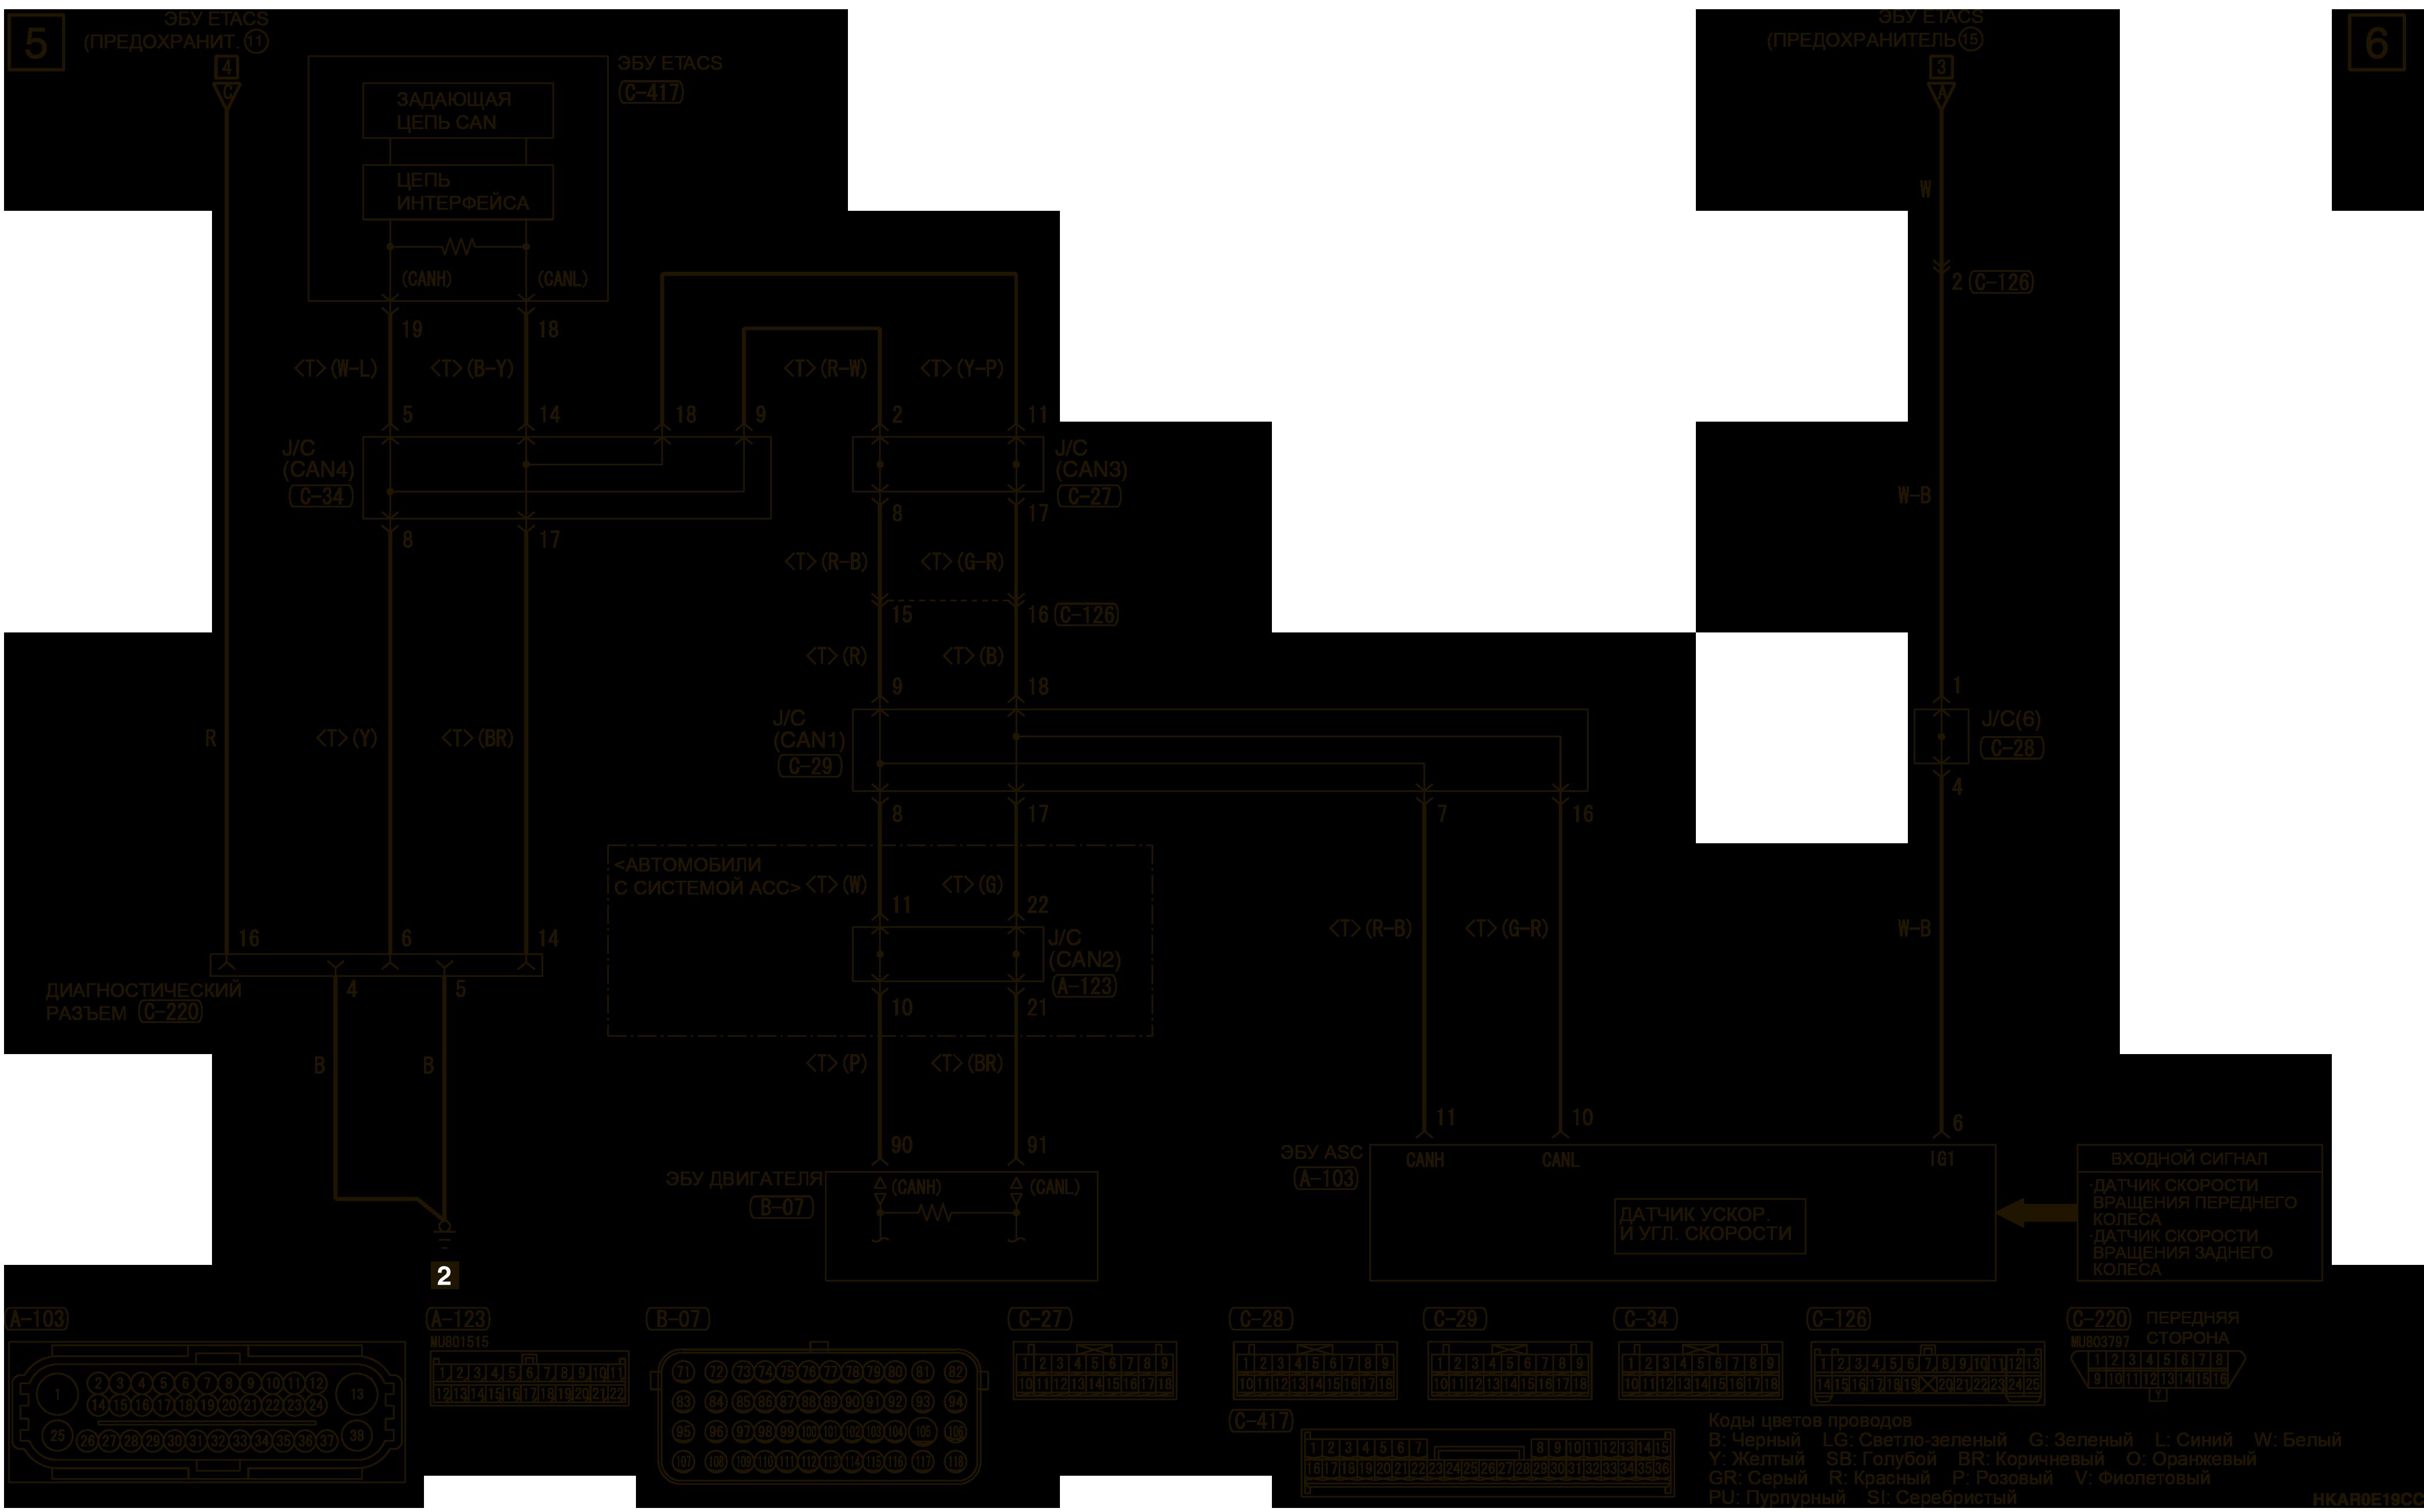 mmc аутлендер 3 2019 электросхемаСИСТЕМА ПРЕДУПРЕЖДЕНИЯ ОБ ЭКСТРЕННОМ ТОРМОЖЕНИИ (ESS) АВТОМОБИЛИ ДЛЯ ЕВРОПЫ (ПРАВОСТОРОННЕЕ УПРАВЛЕНИЕ)